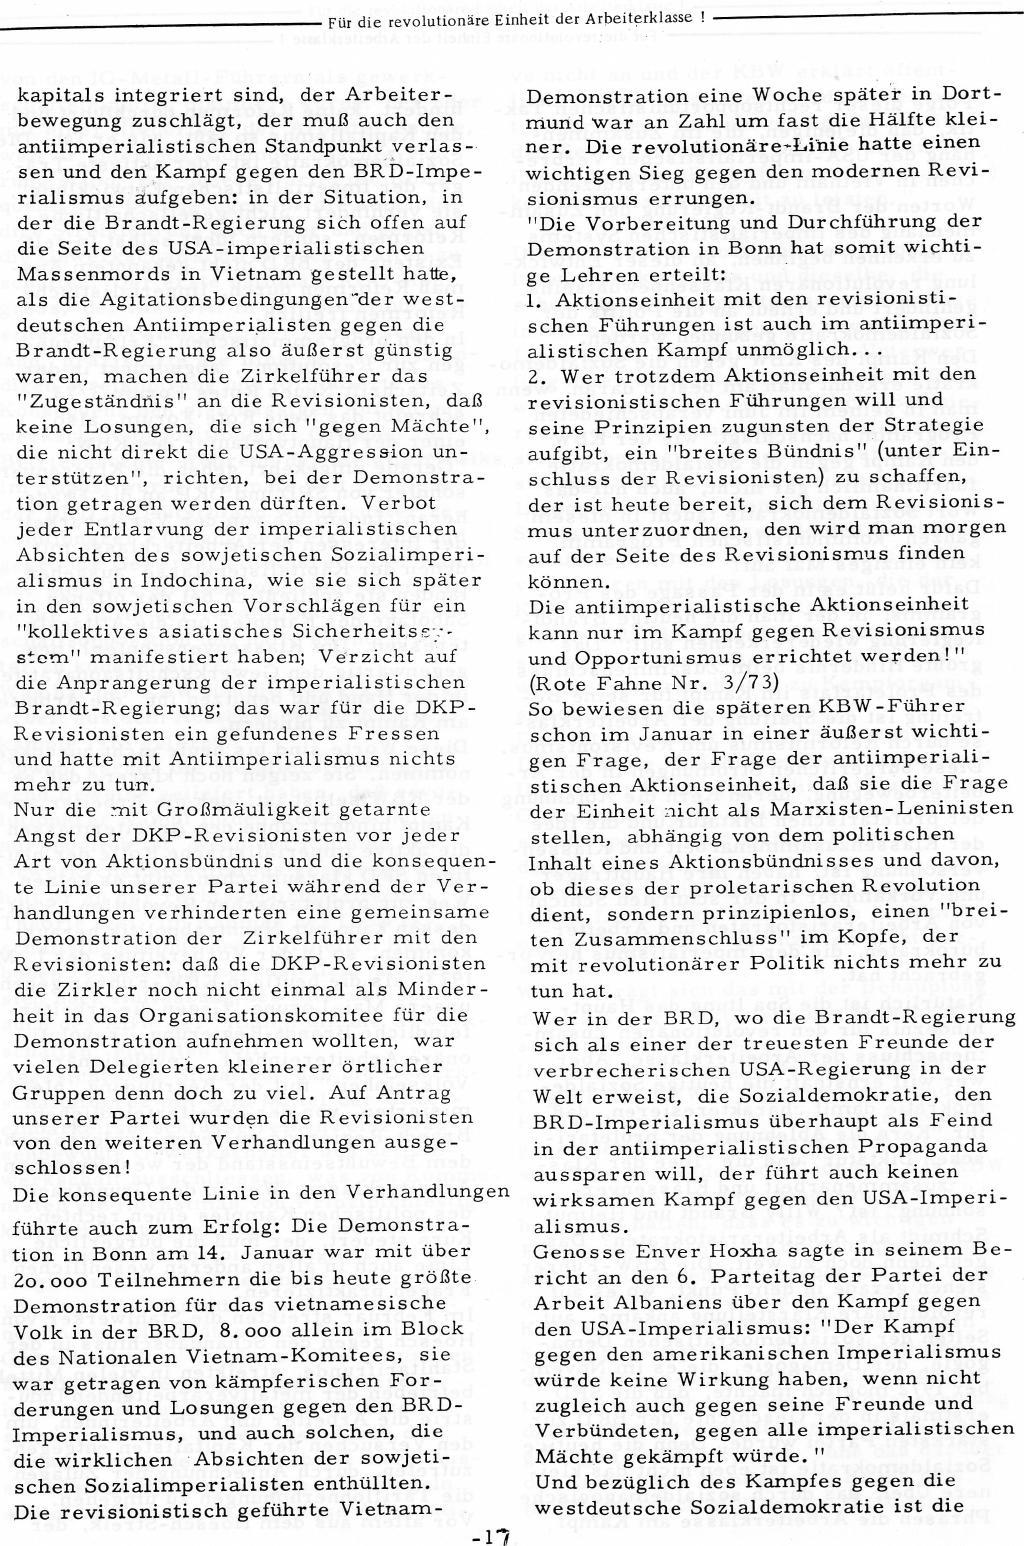 RPK_1973_041_042_043_17